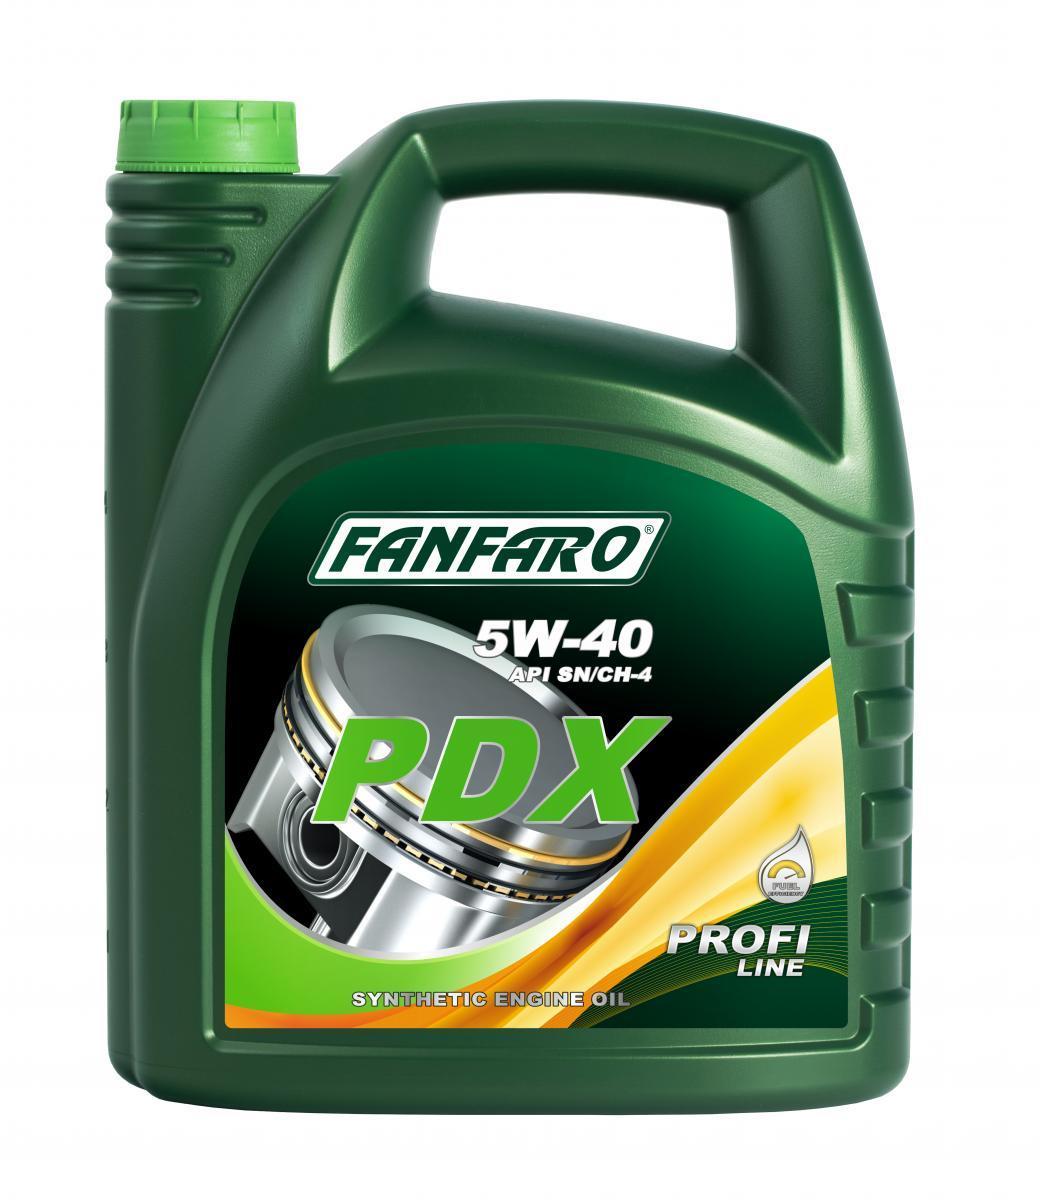 FF6705-5 FANFARO Motoröl Bewertung